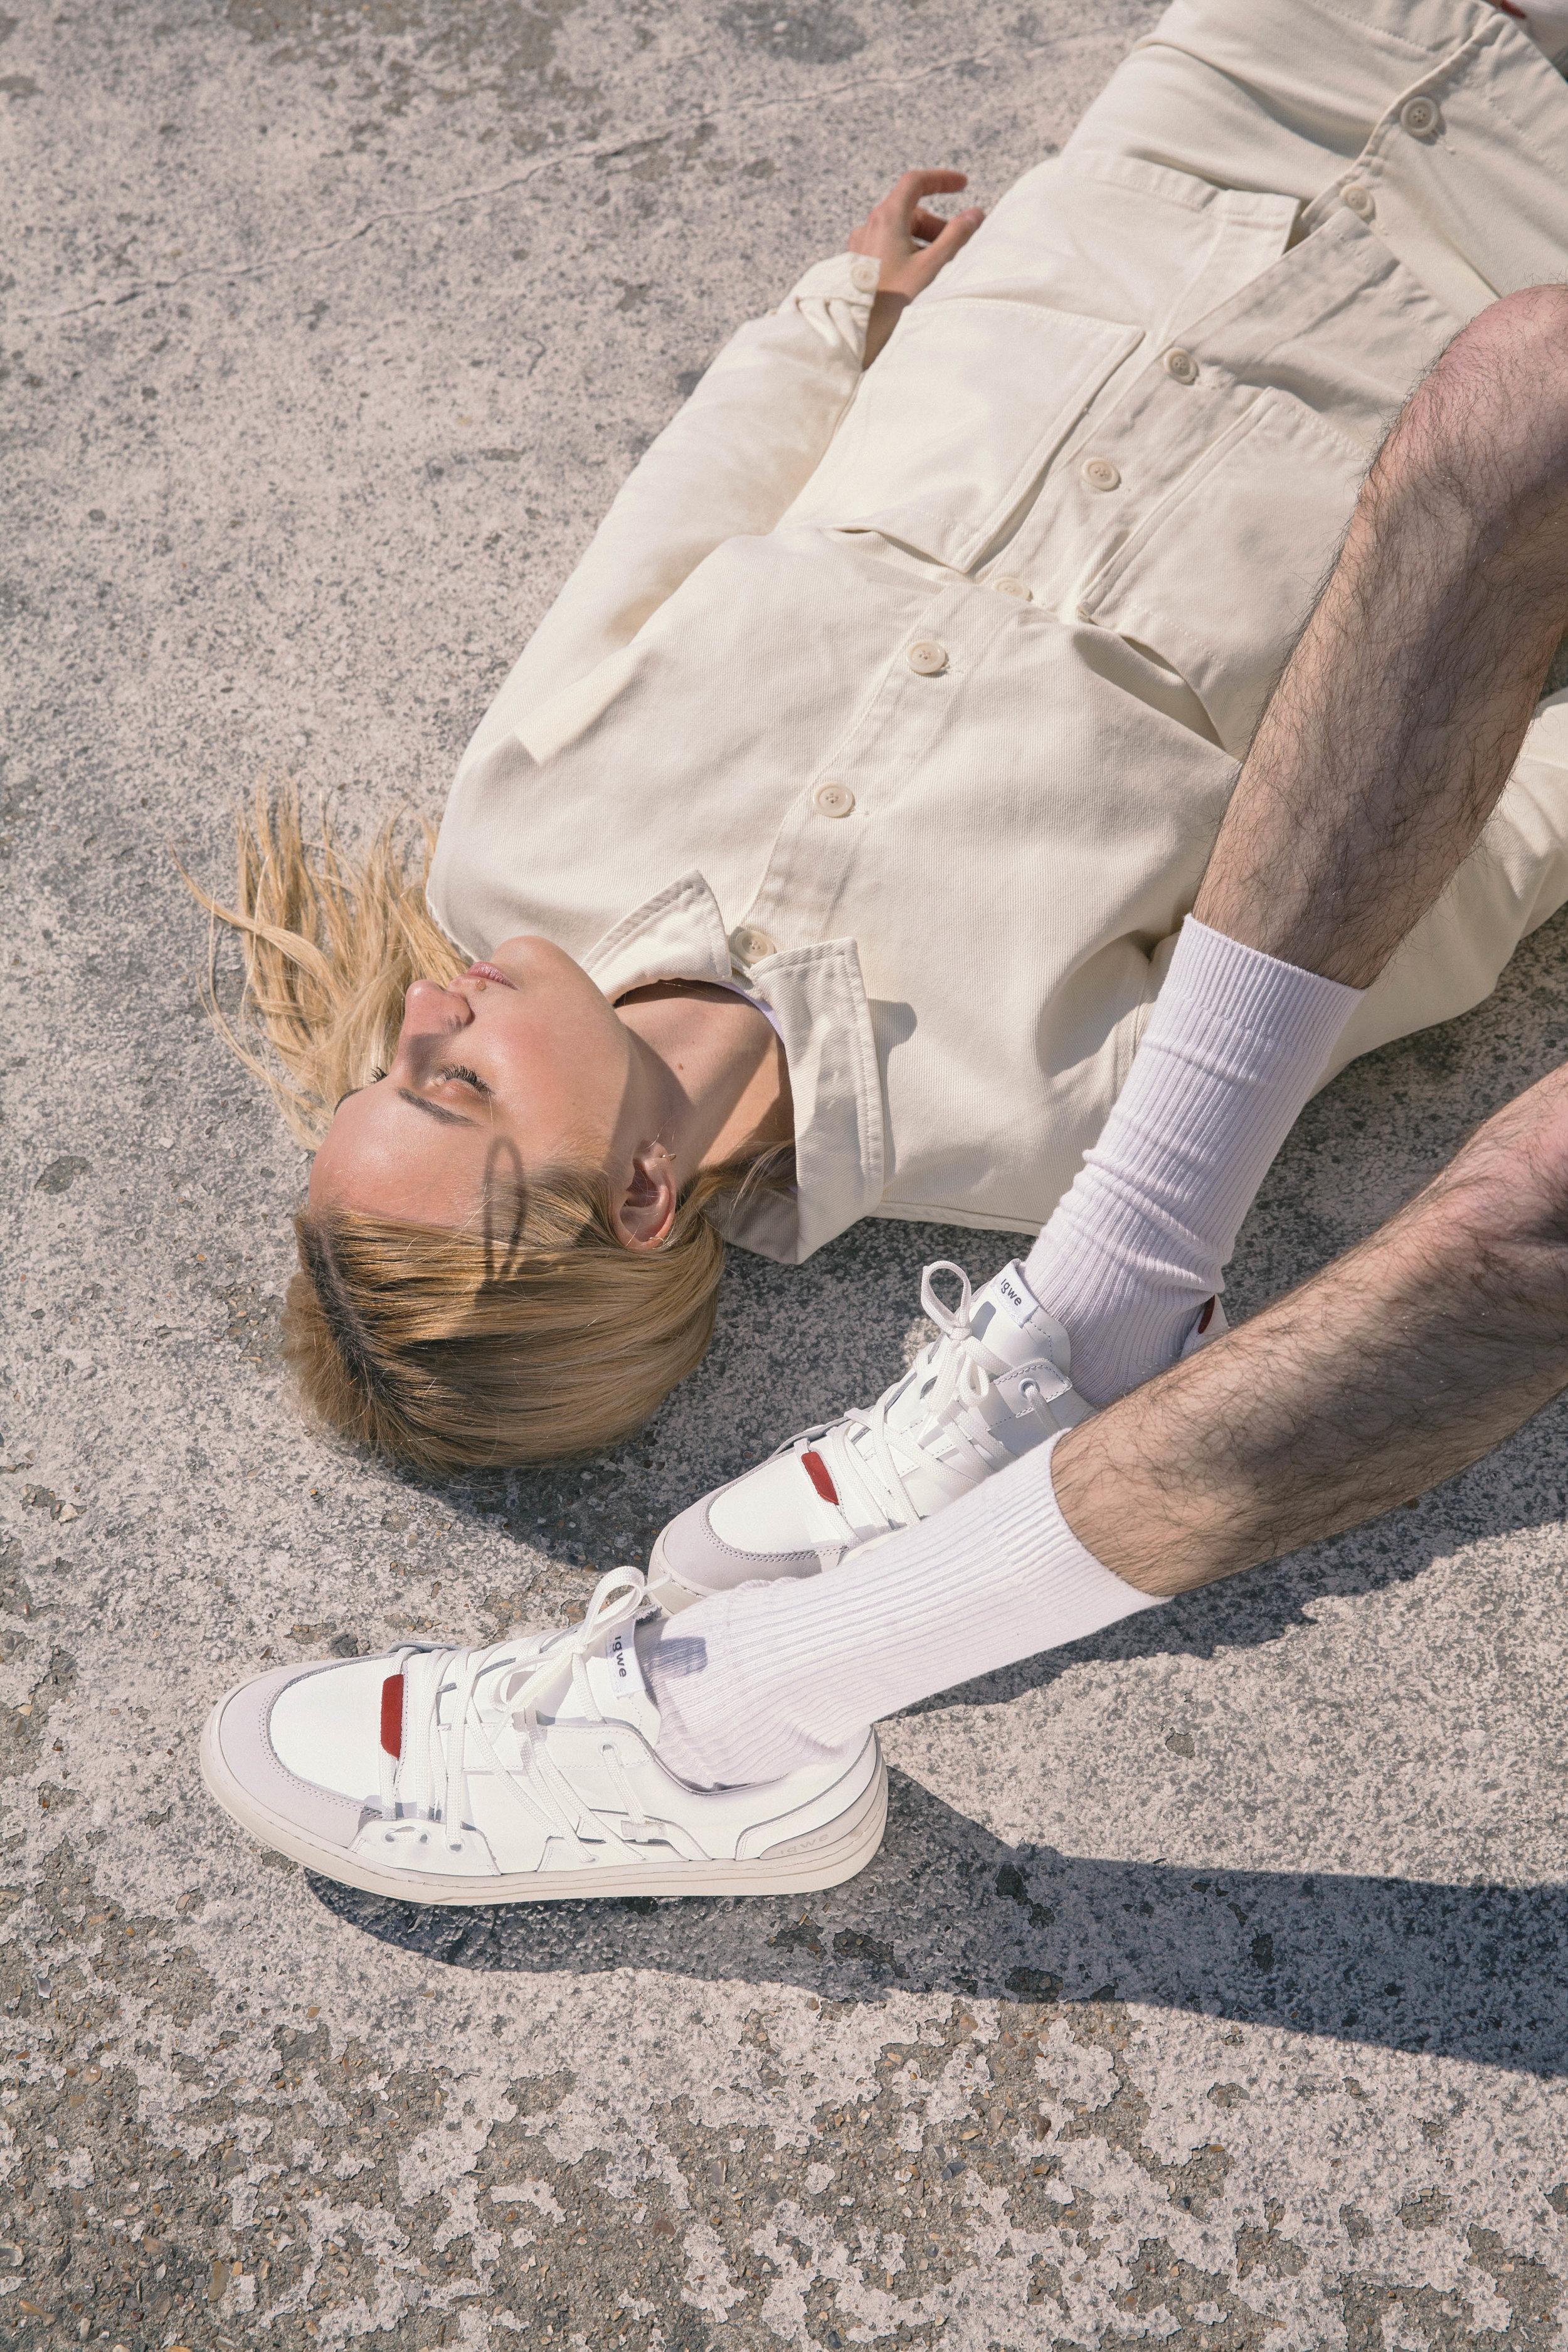 Specimen d'IGWE - Le jeune label parisien IGWE dévoile sa première sneaker alliant une silhouette sobre, mais élaborée et cent pour cent recyclables.Tous les jours nous vous informons sur la myriade de sorties sneakers à travers le monde, mais la plupart des retailers majeurs que sont Nike, adidas, Puma, Reebok et bien d'autres n'oeuvrent pas encore majoritairement en faveur du développement durable, des efforts sont mis en place sur certains éléments ou paires, mais un cap est à franchir pour des produits 100% recyclables. Cap que IGWE a franchi avec sa nouvelle paire nommée Specimen.